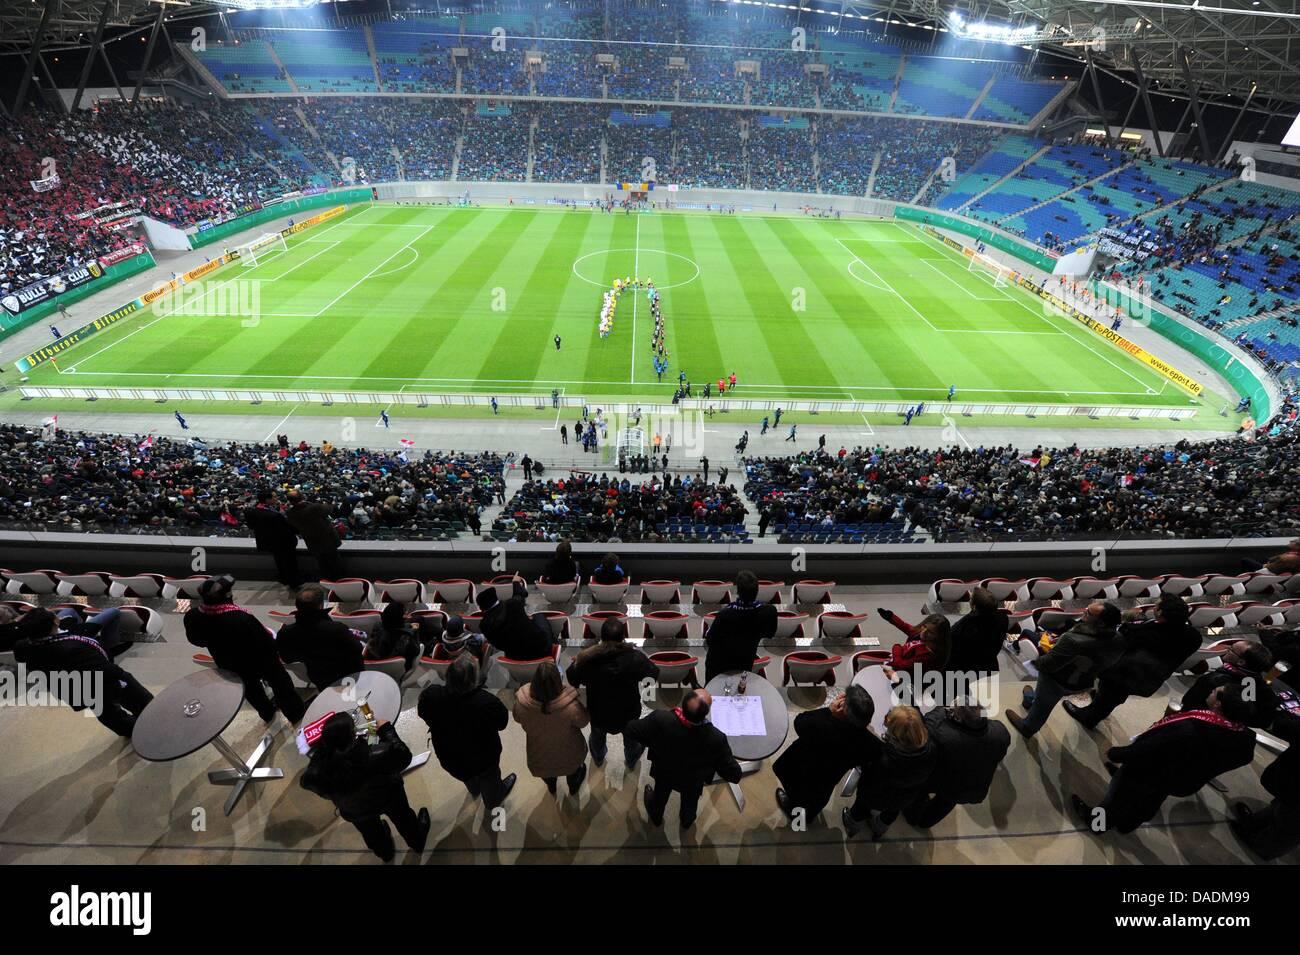 Die Zuschauer in den VIP-Bereichen (vorn) beobachten den Einlauf der Mannschaften, aufgenommen am Dienstag (25.10.2011) - Stock Image